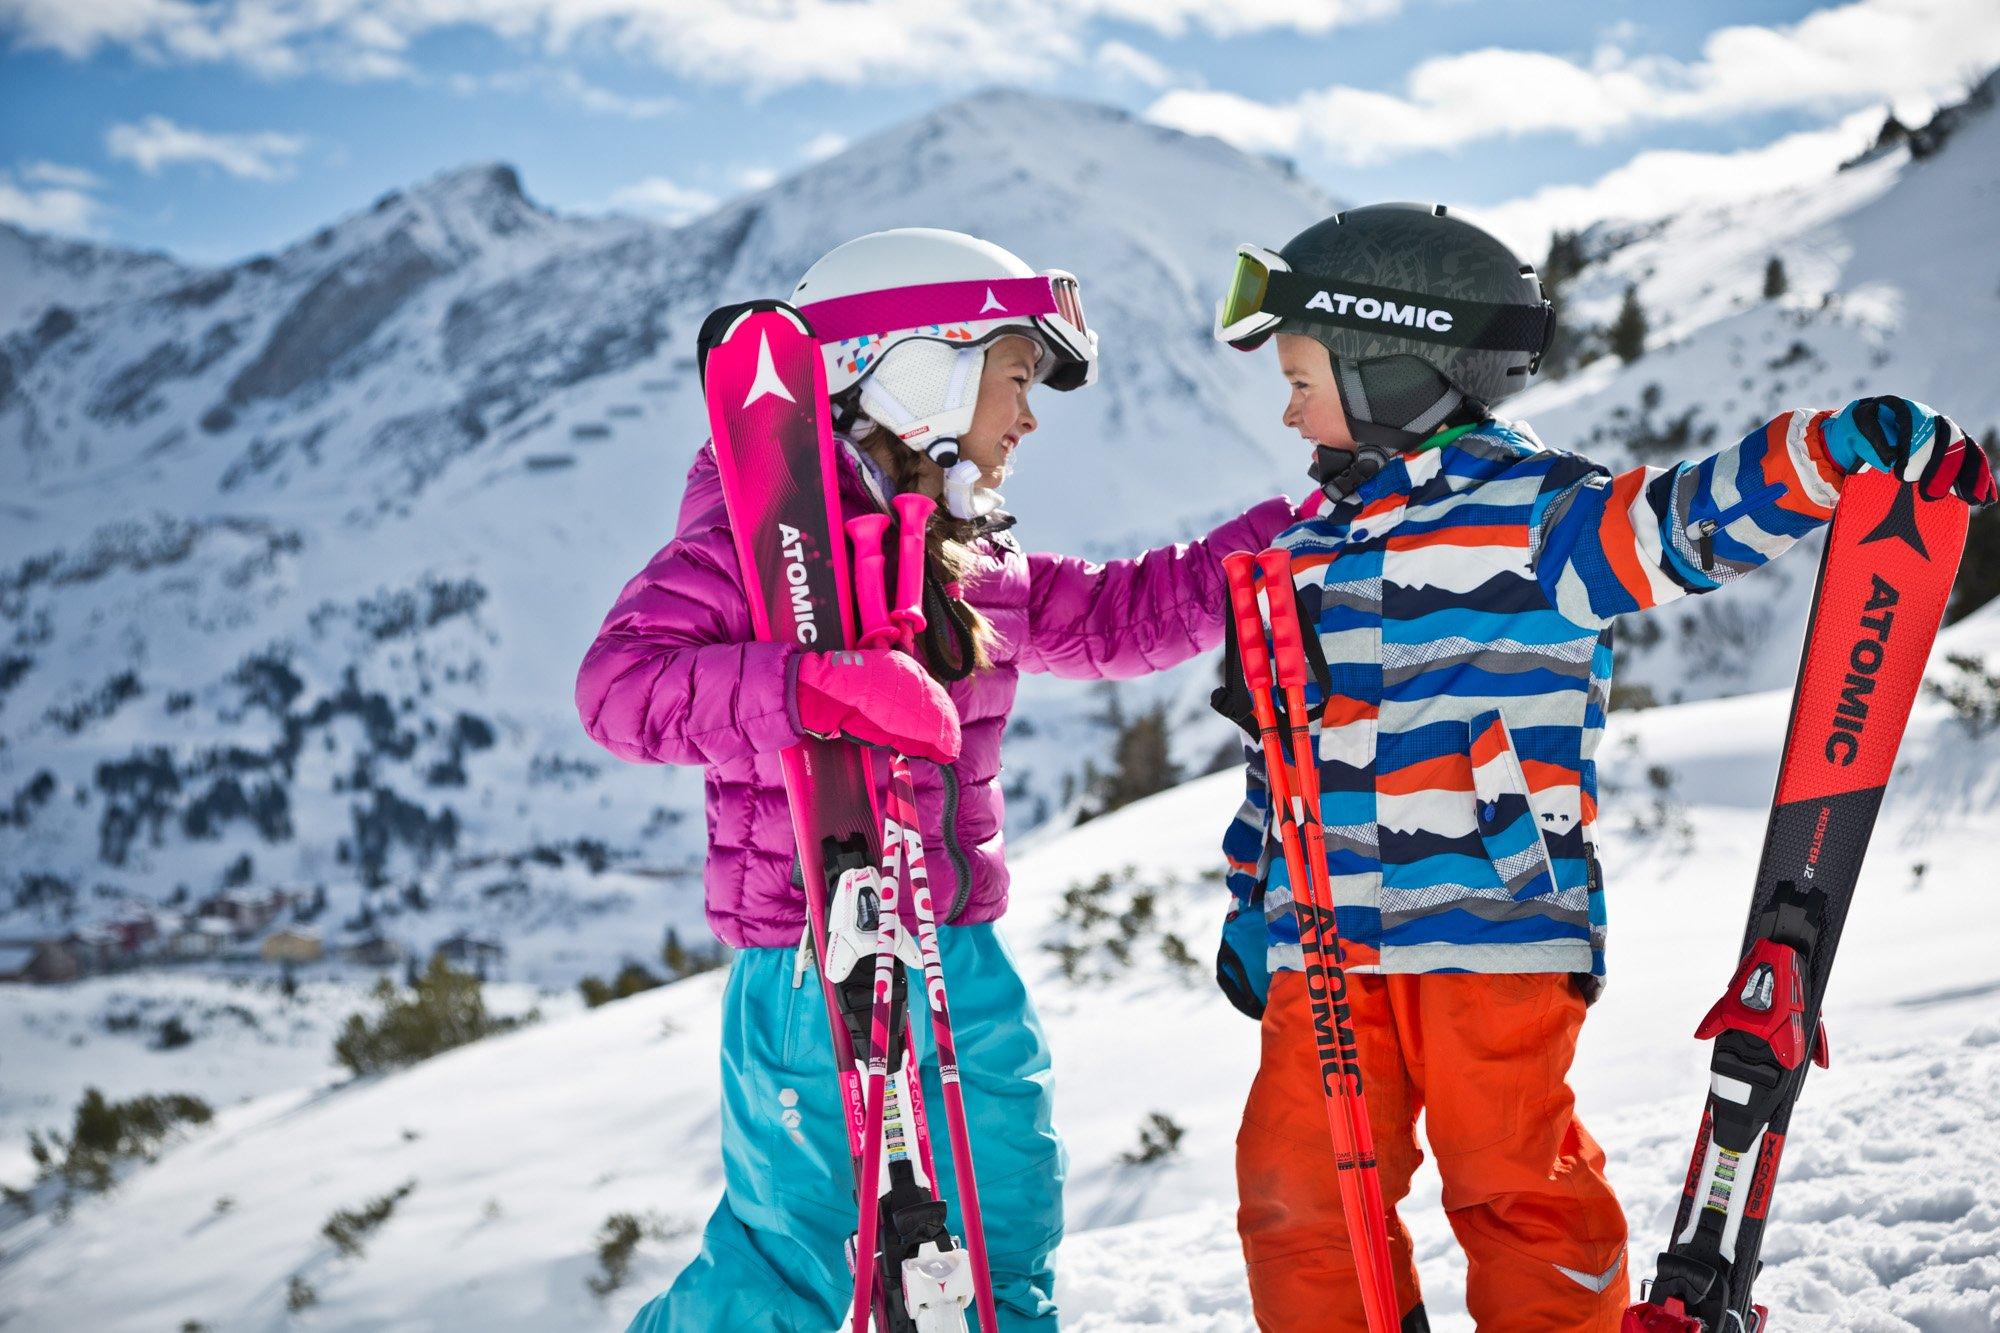 Zwei Kinder mit ihren ATOMIC Ski auf einer verschneiten Piste.